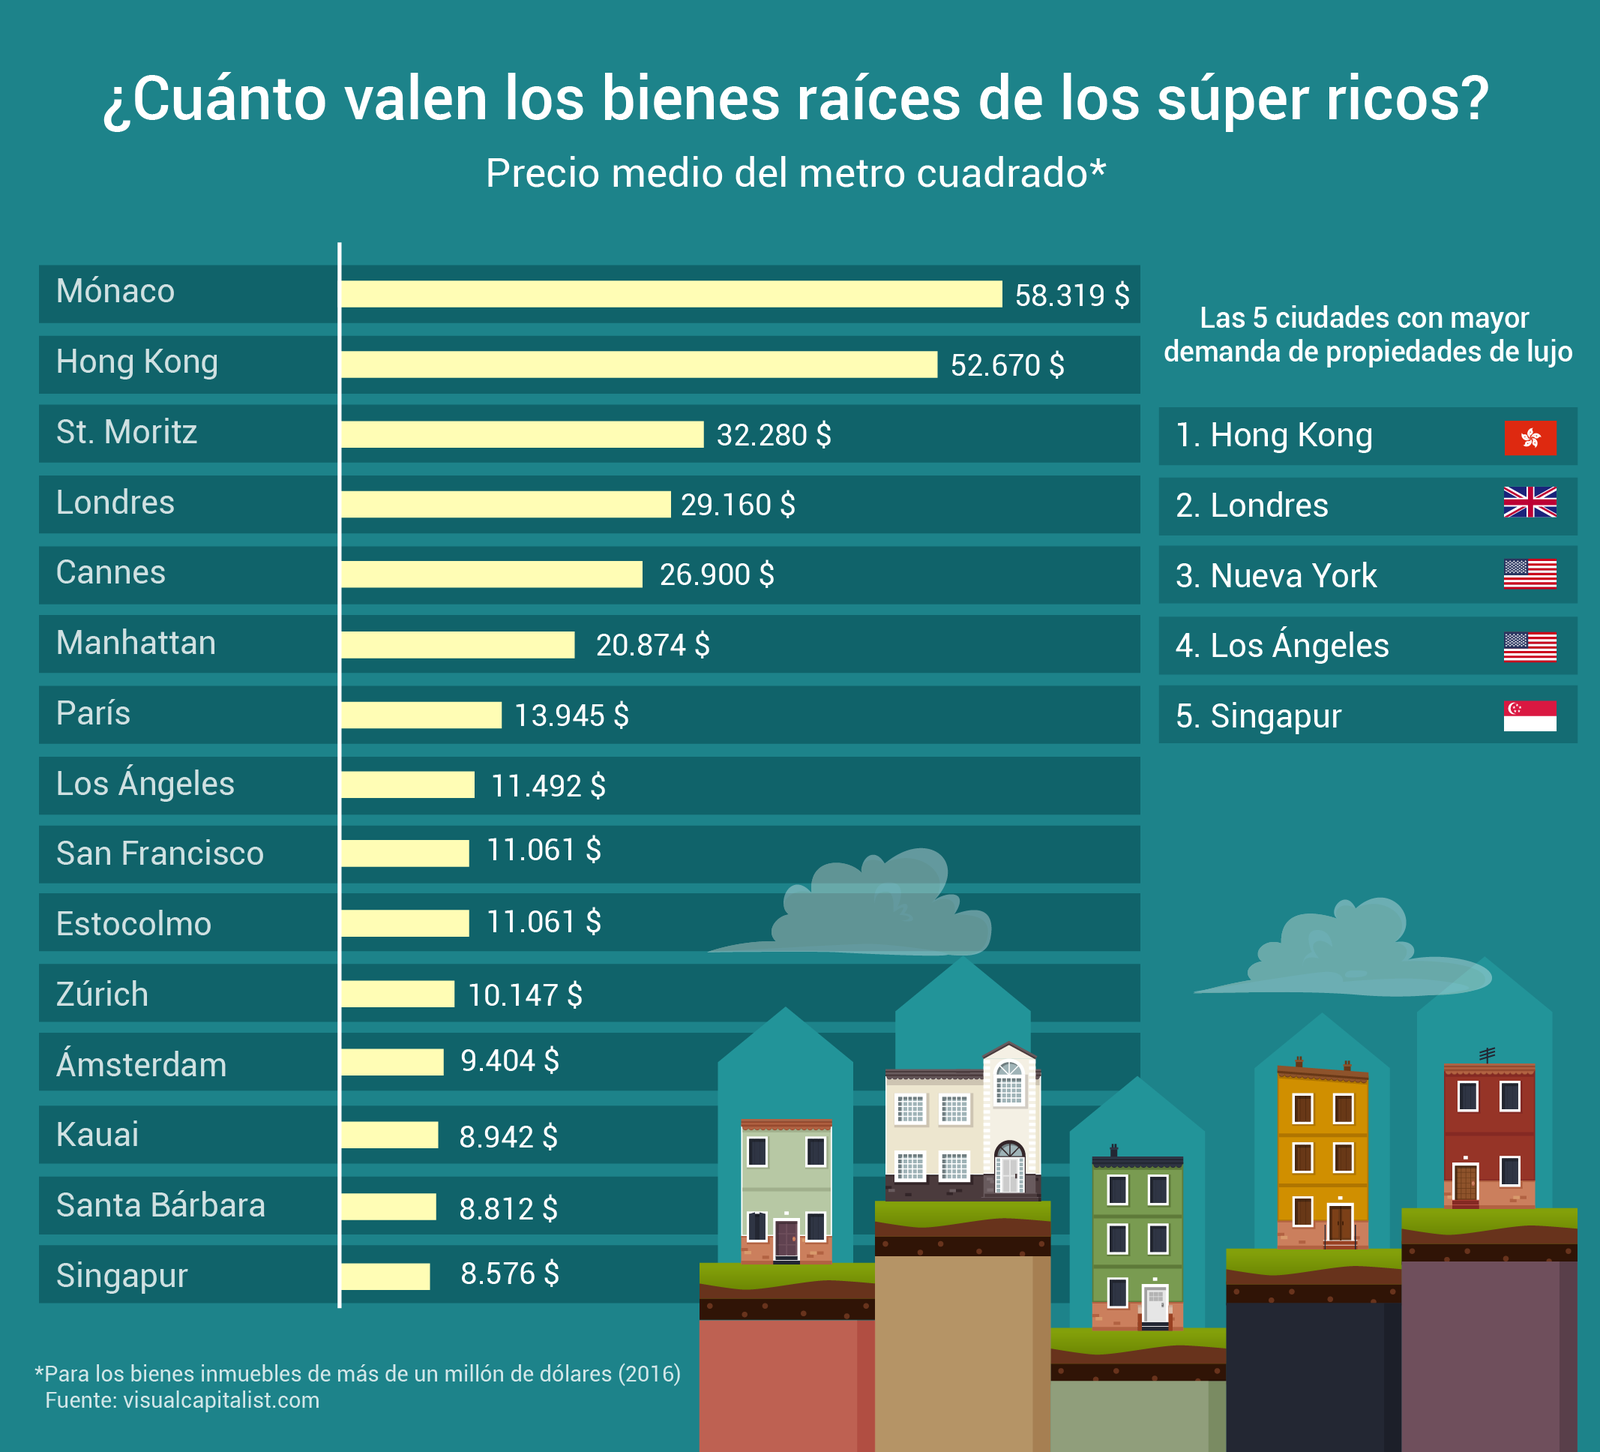 Ciudades del Mundo con el metro cuadrado más caro #infografia #infographic